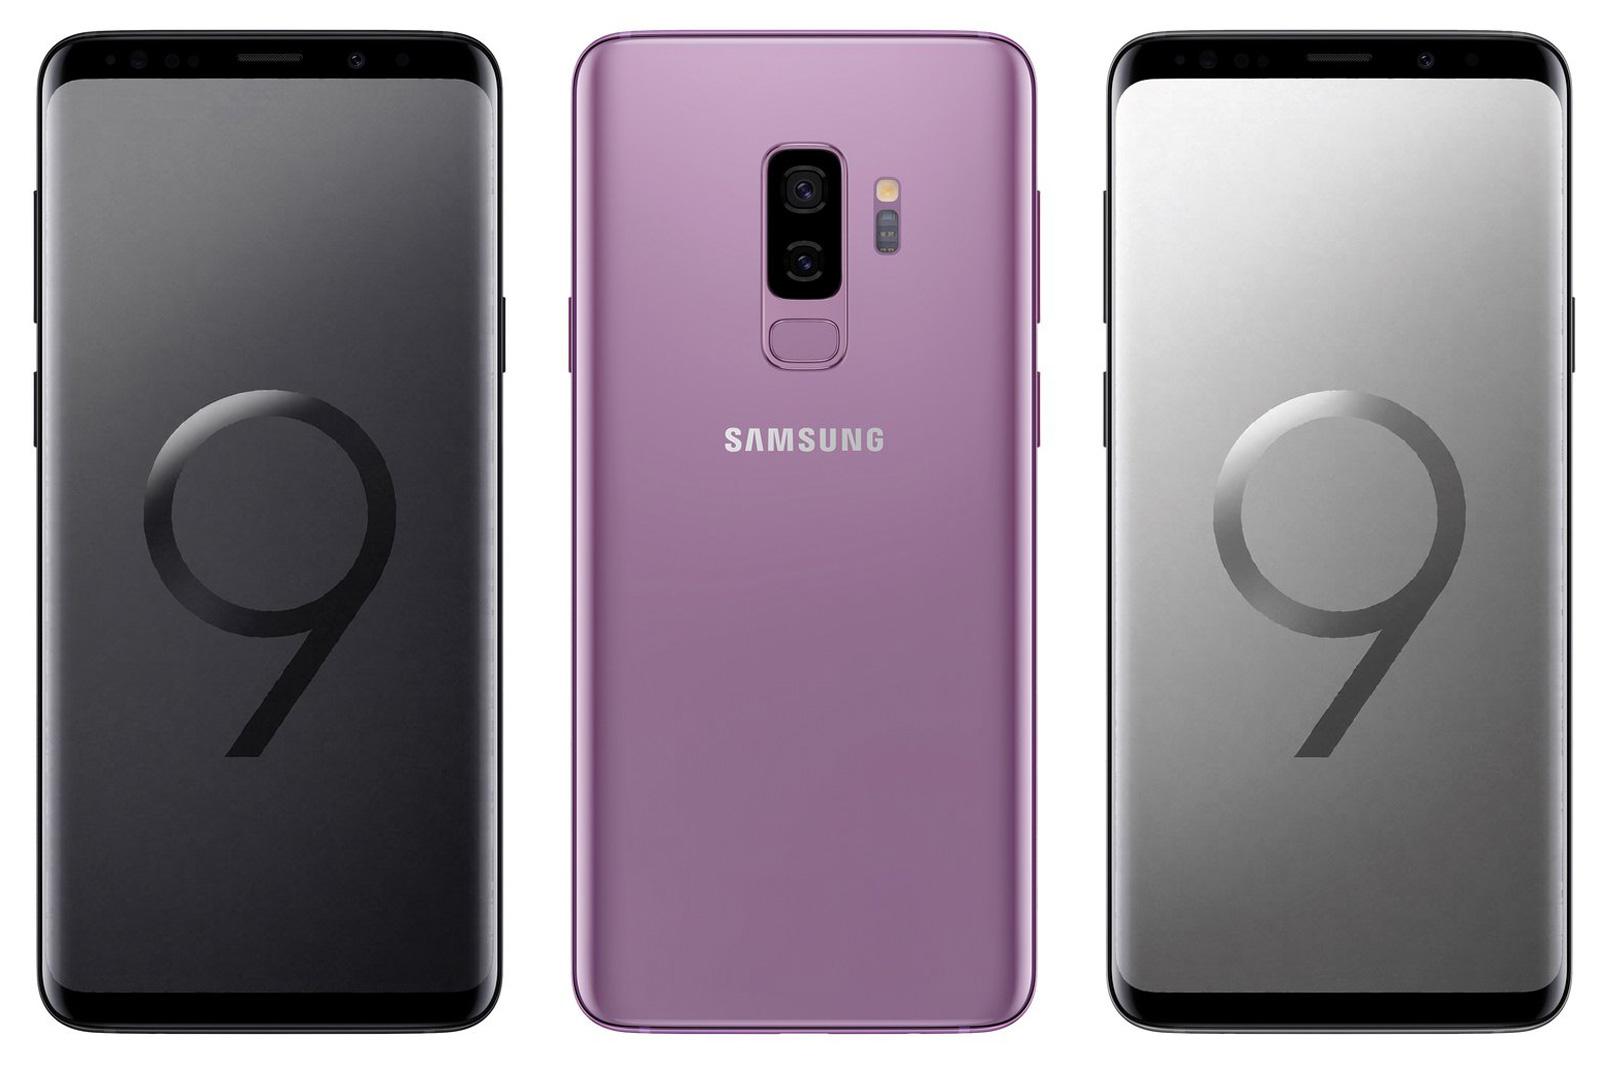 最新的諜照展示了 Samsung Galaxy S9 Plus 的雙鏡頭